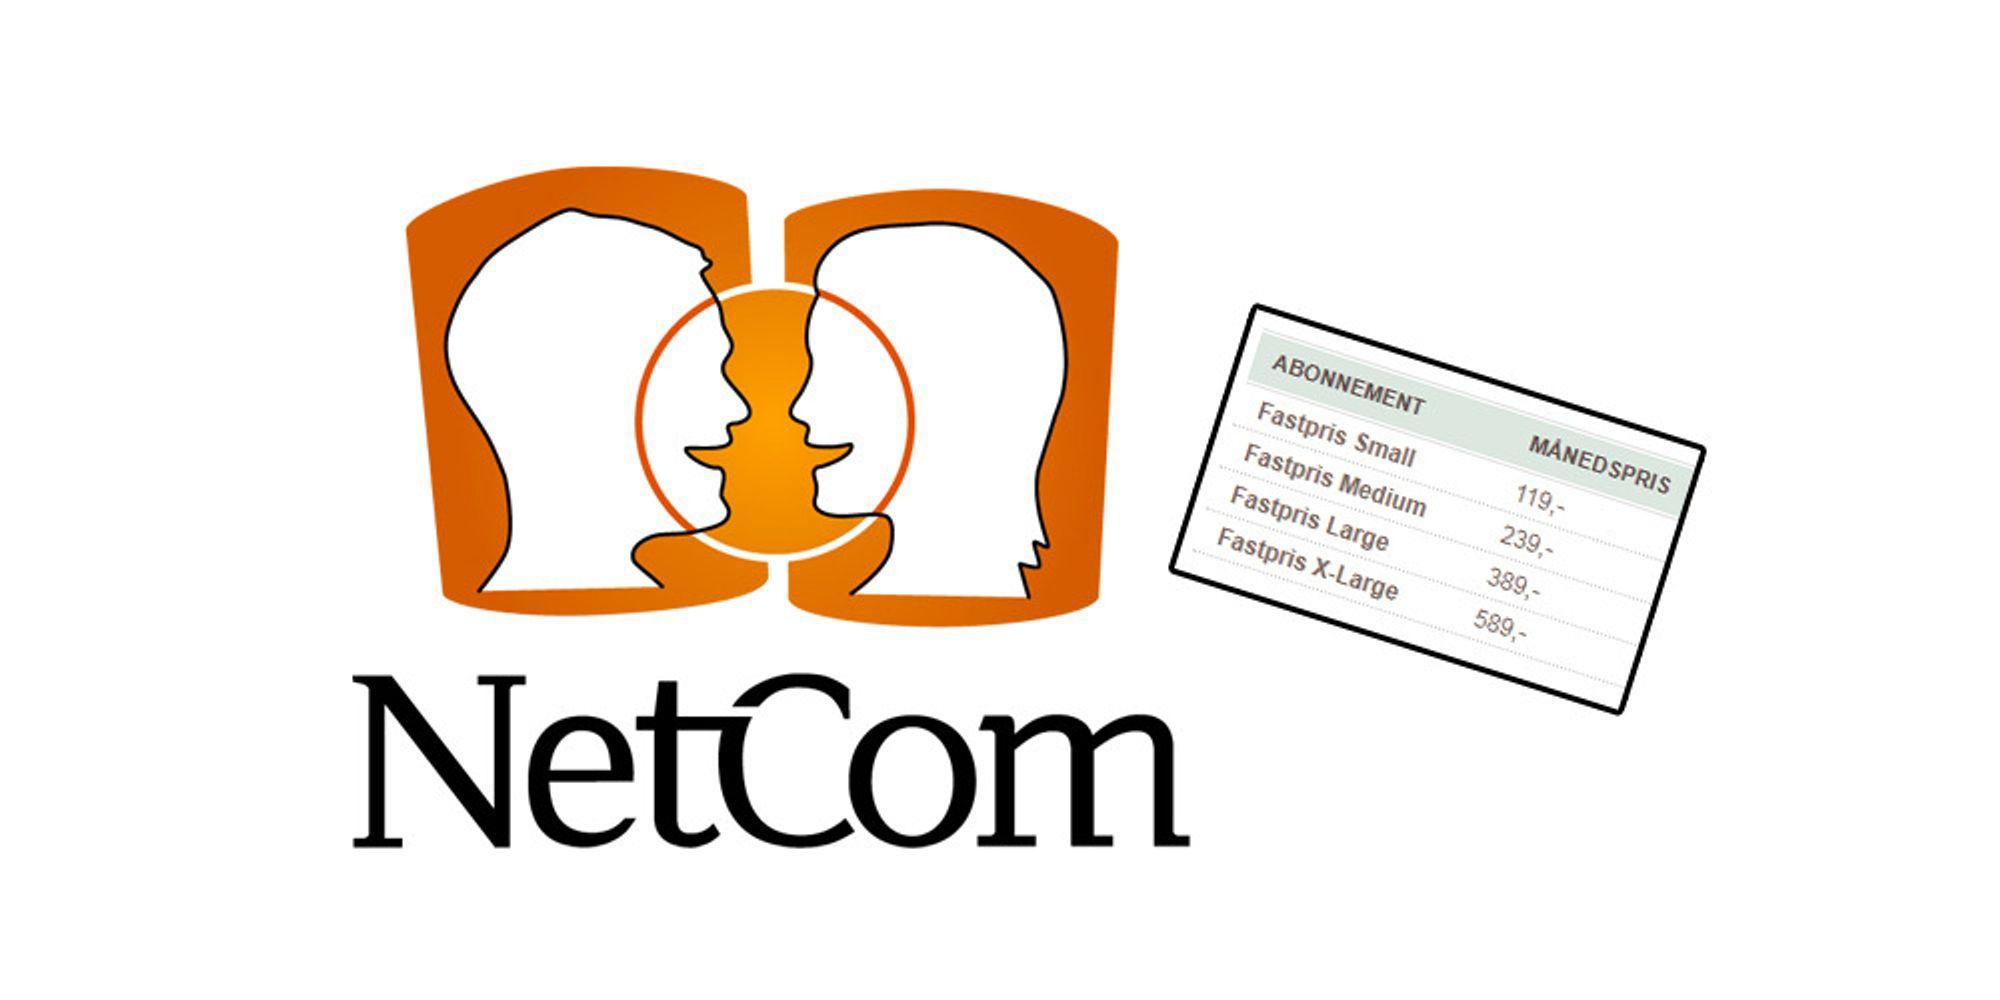 Netcom kjører ut fastpris for alle